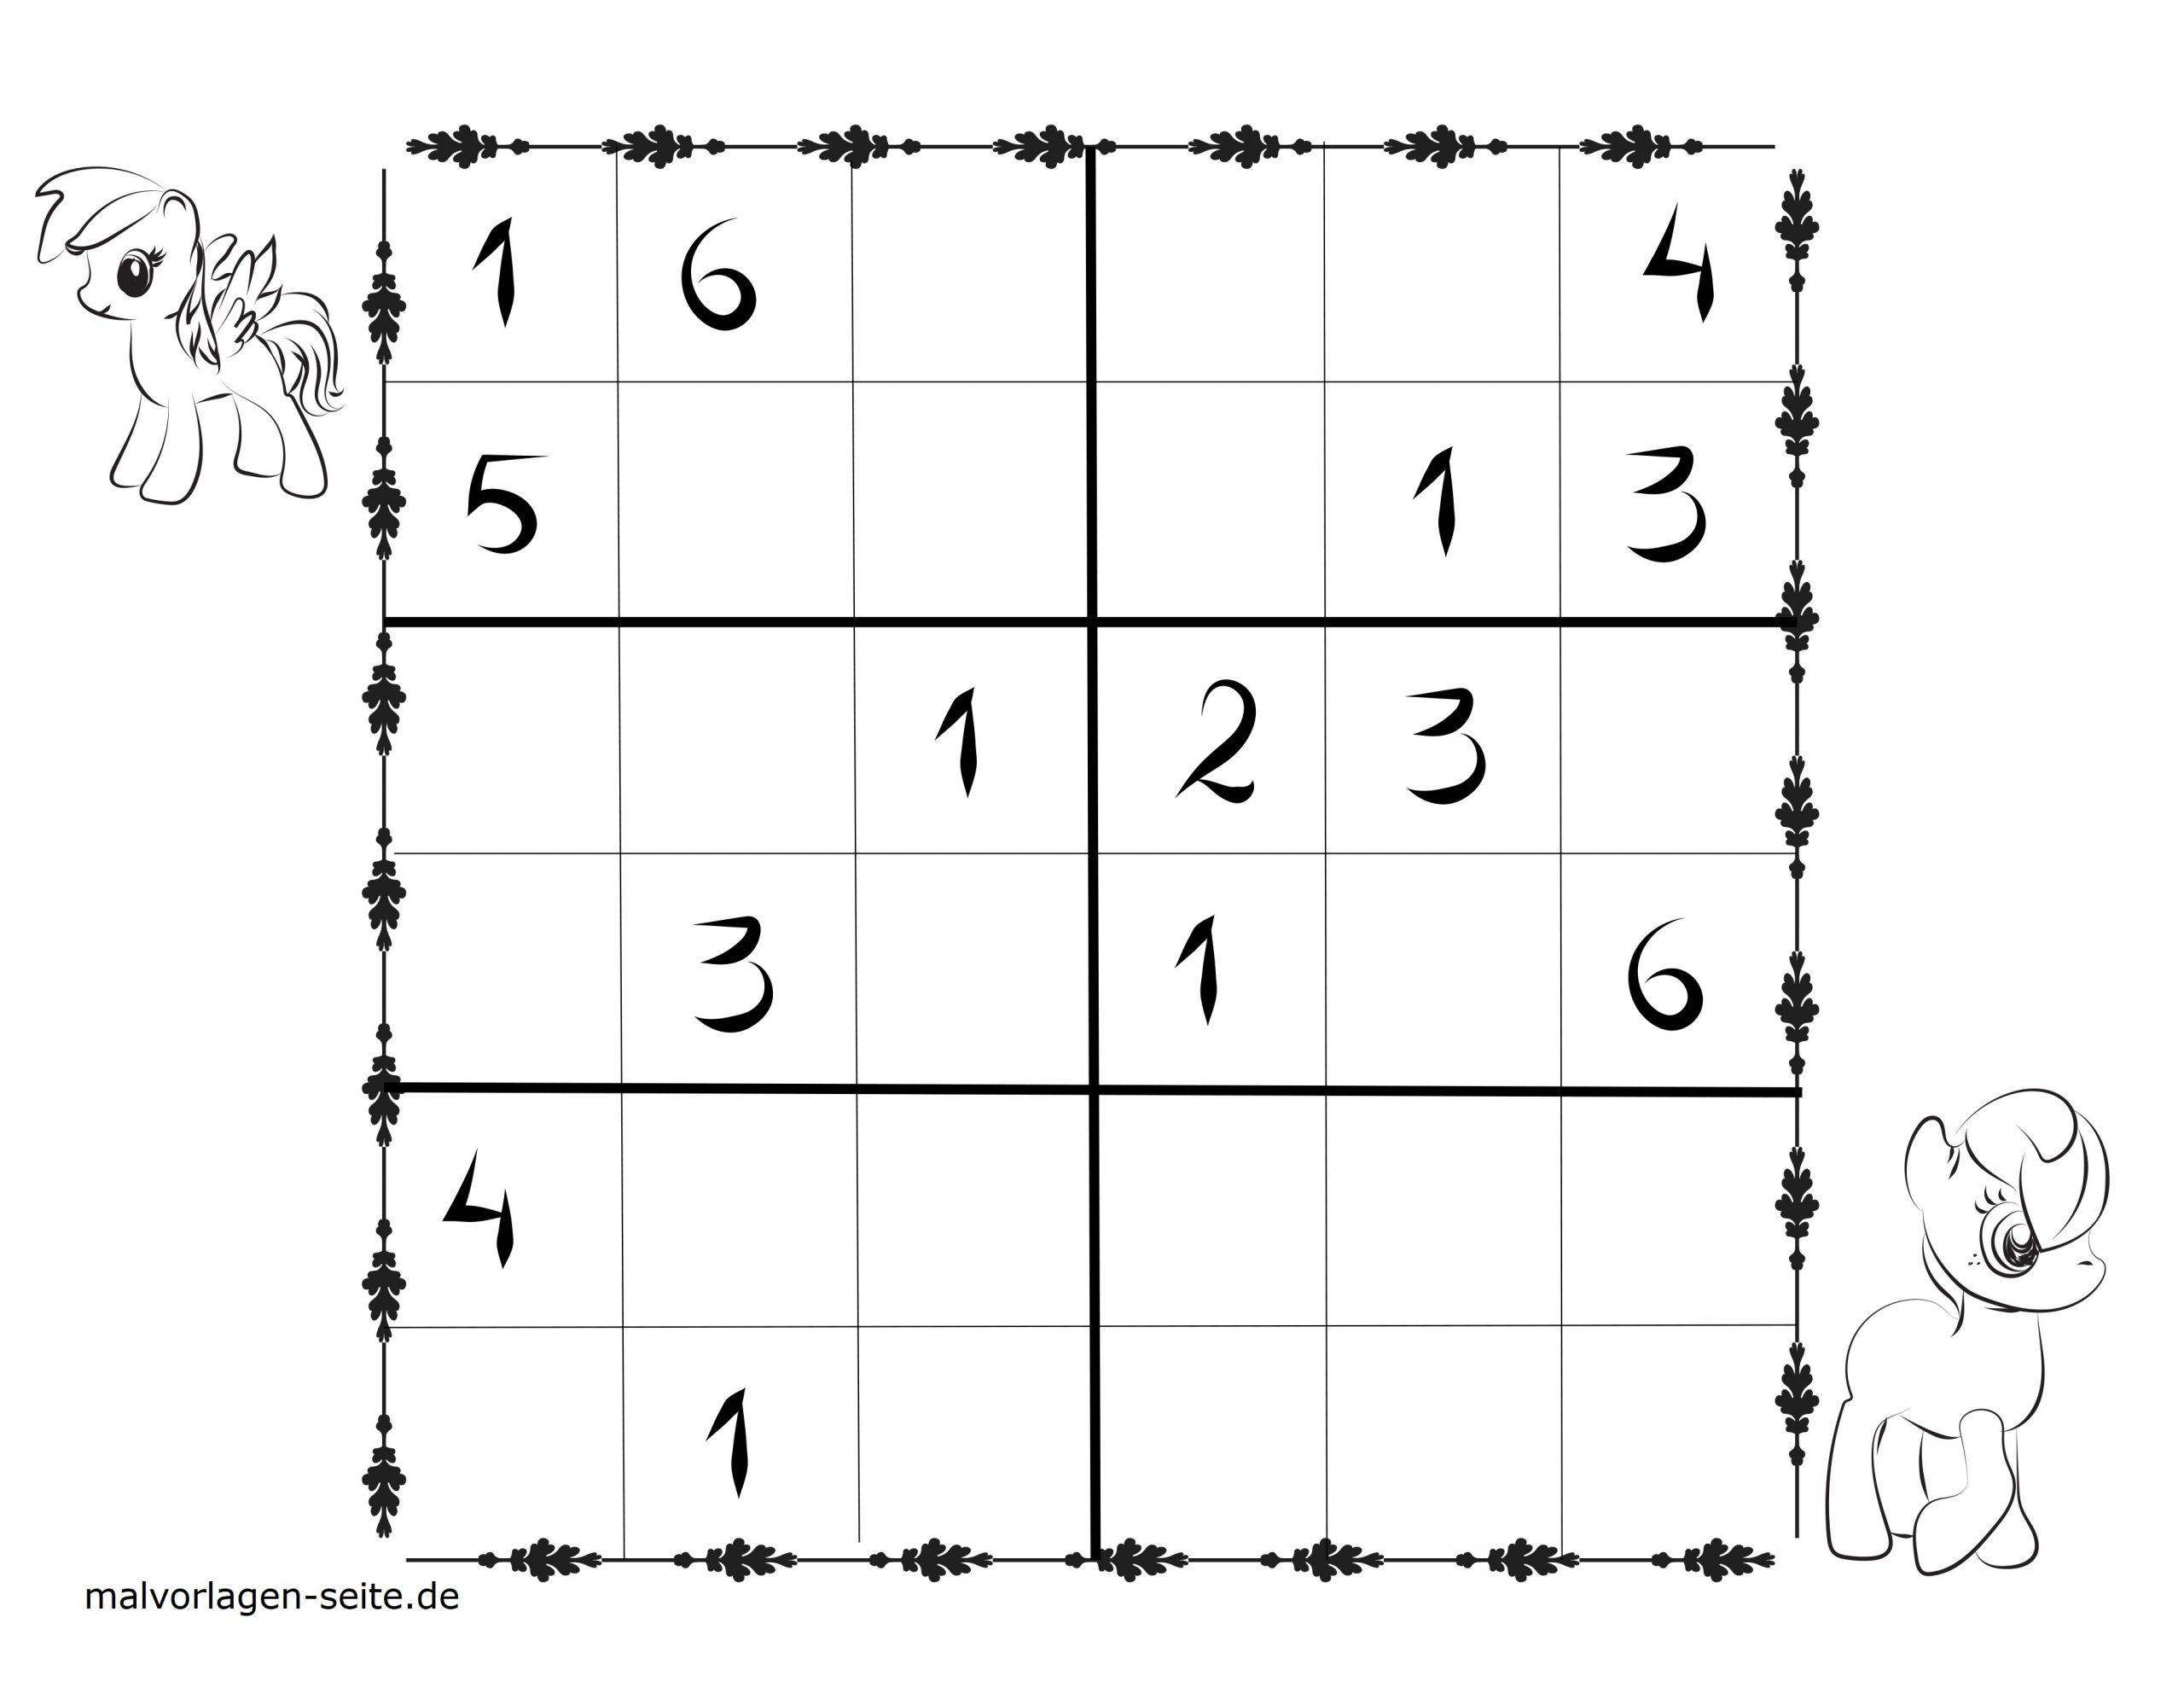 Sudoku Vorlagen Für Kinder 6X6 Kostenlos Herunterladen Und bestimmt für Sudoku Kostenlos Drucken Schwer